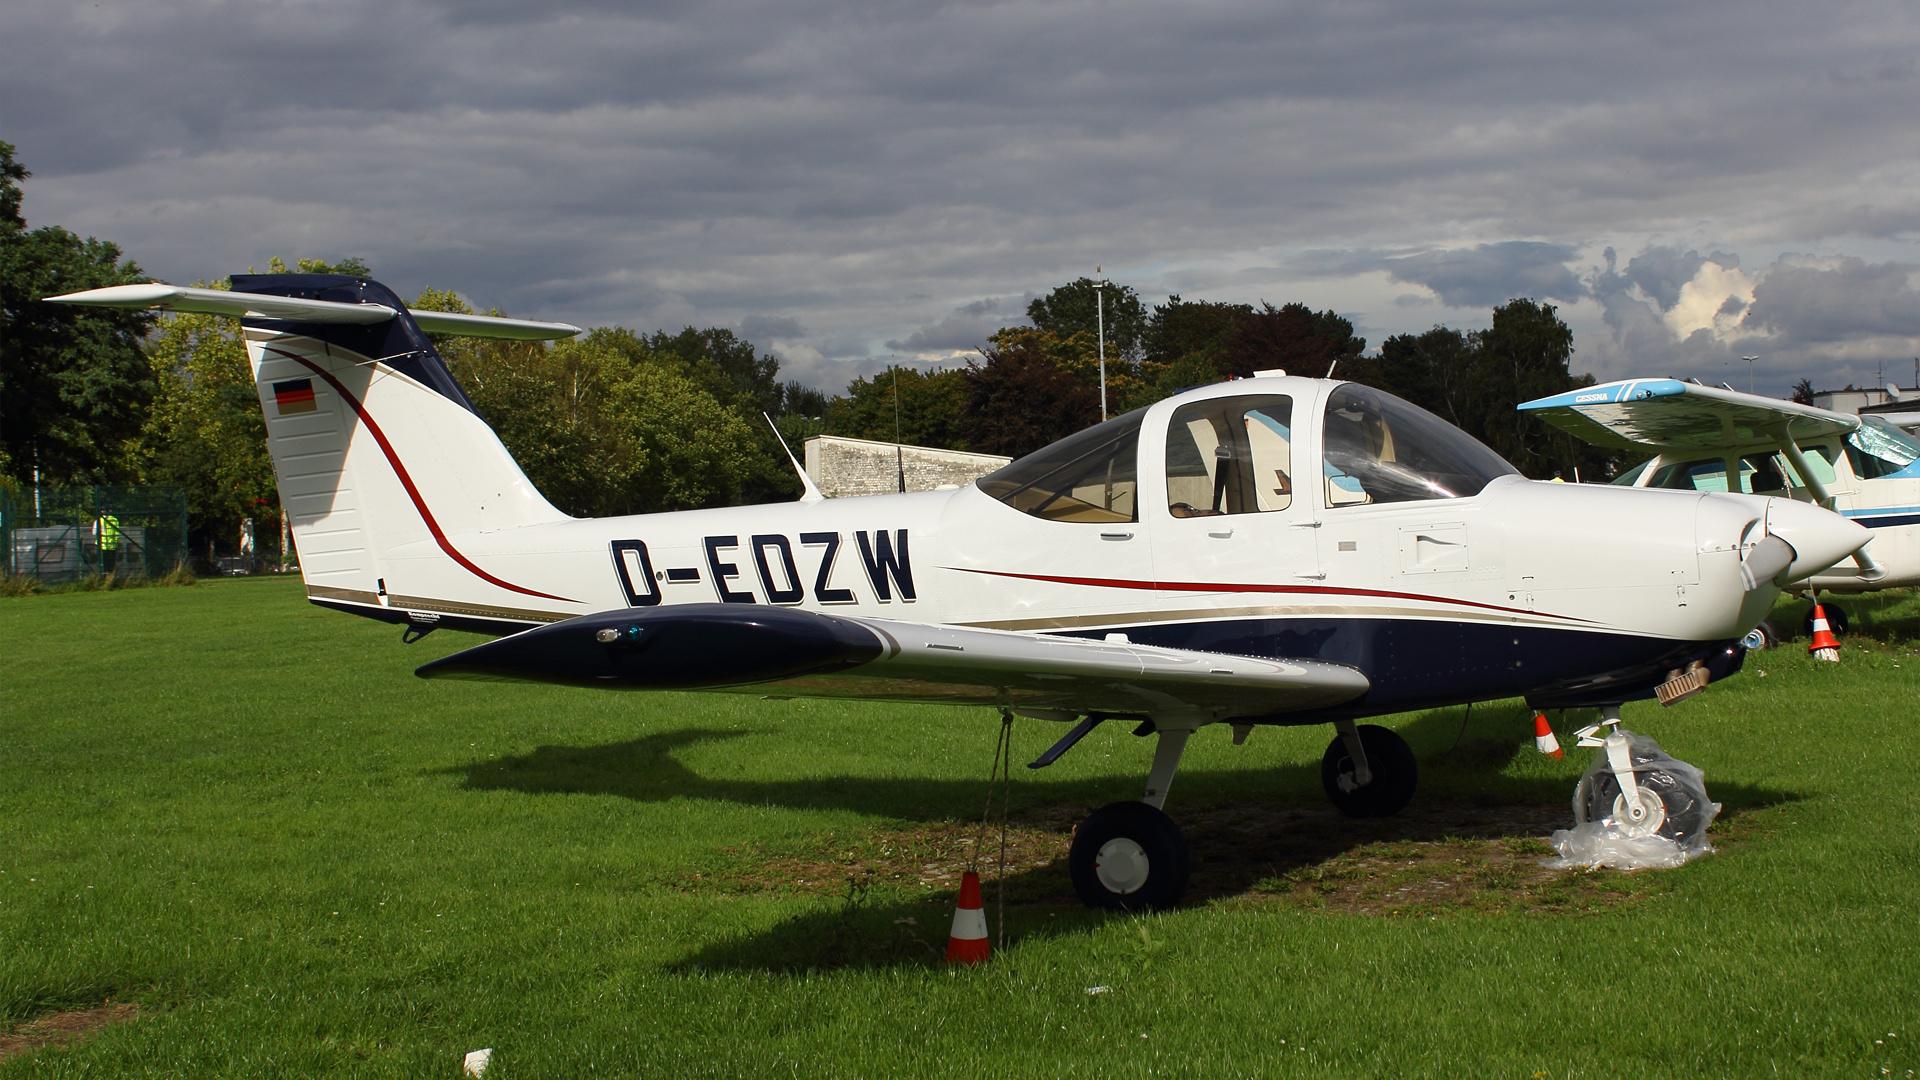 D-EDZW-1 PA38 ESS 201509